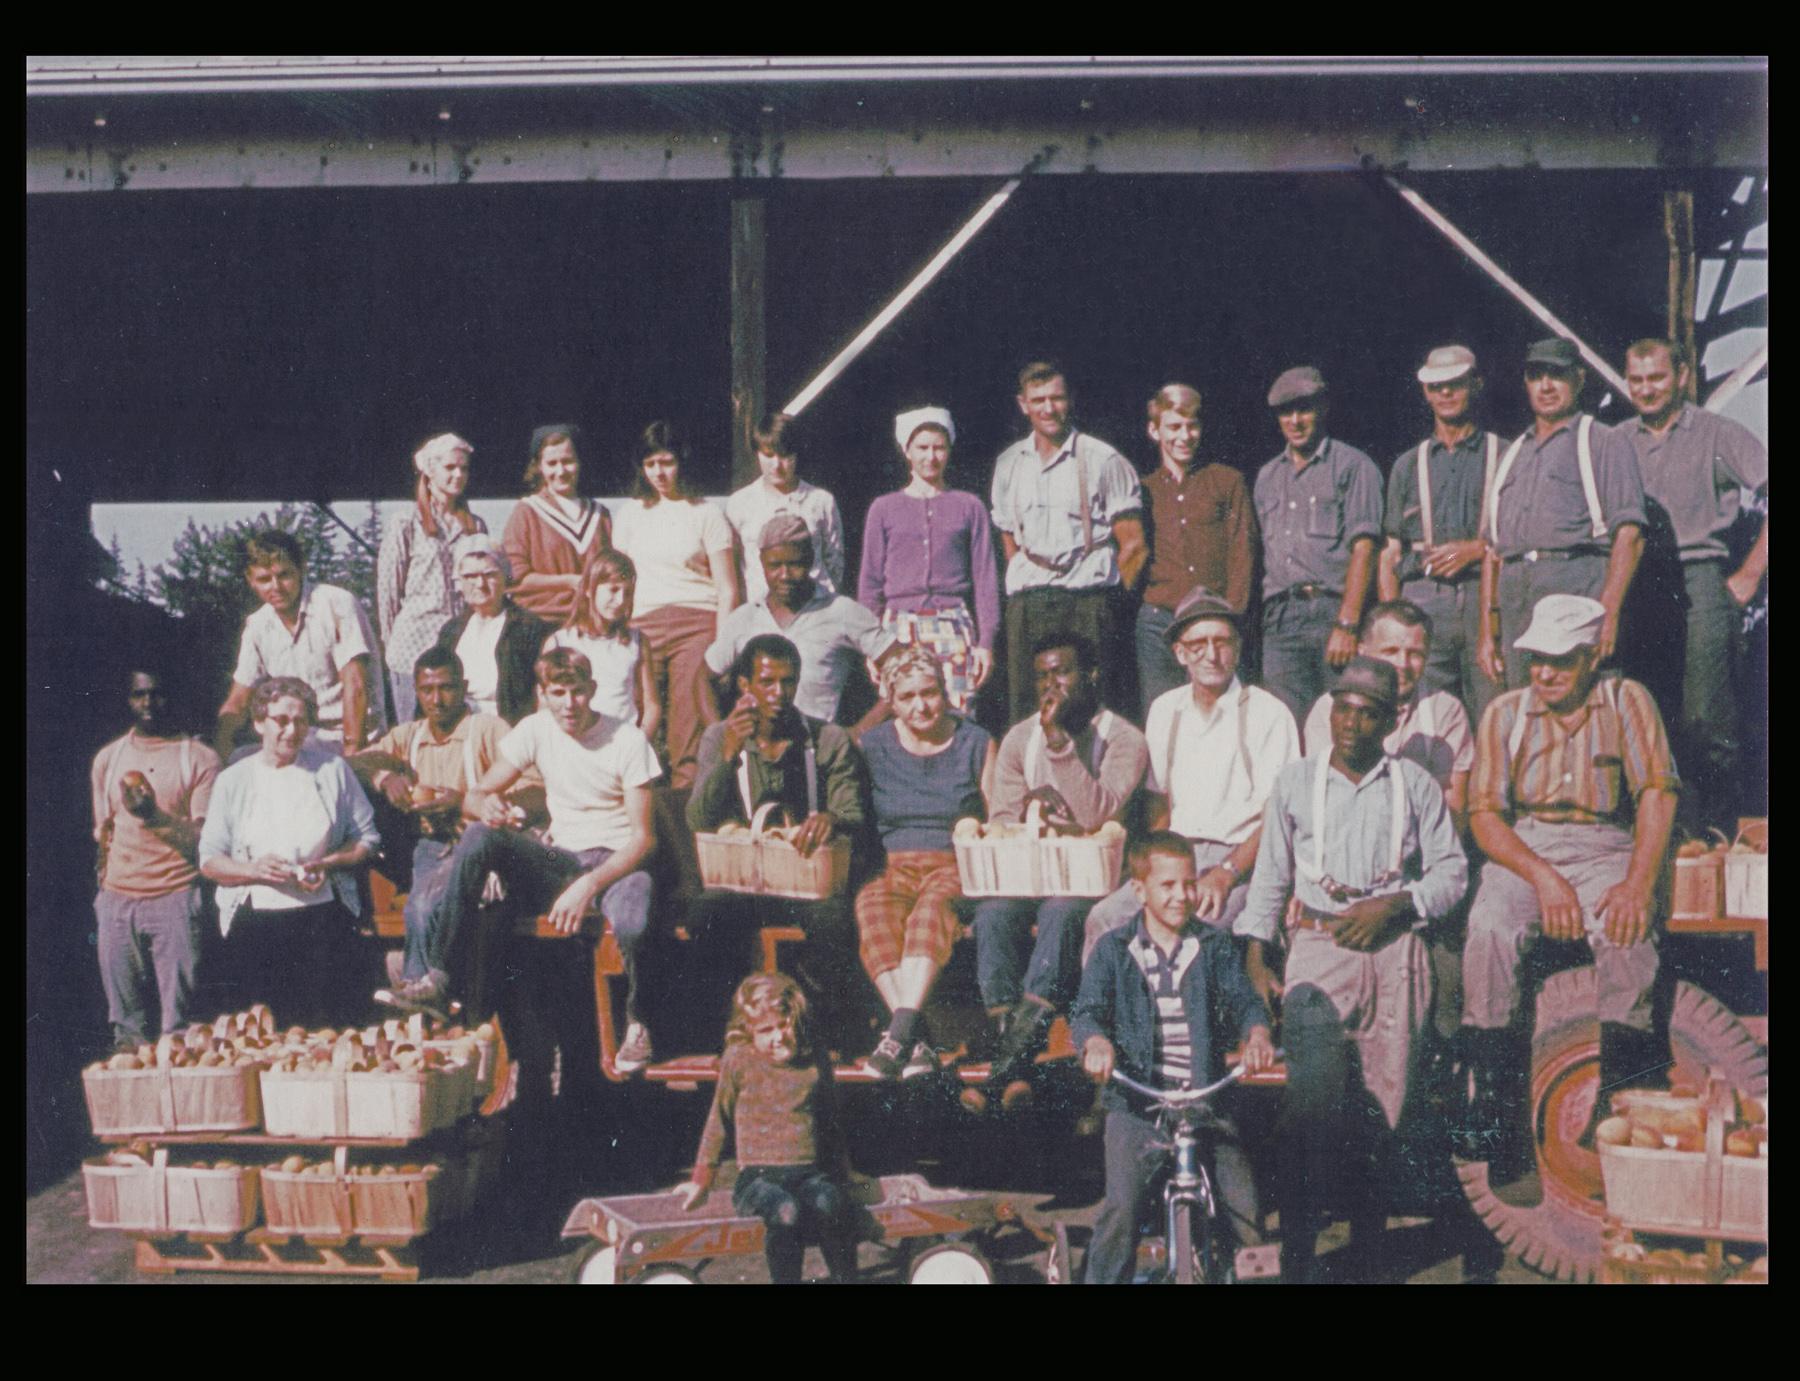 Abe Epp blog 1968